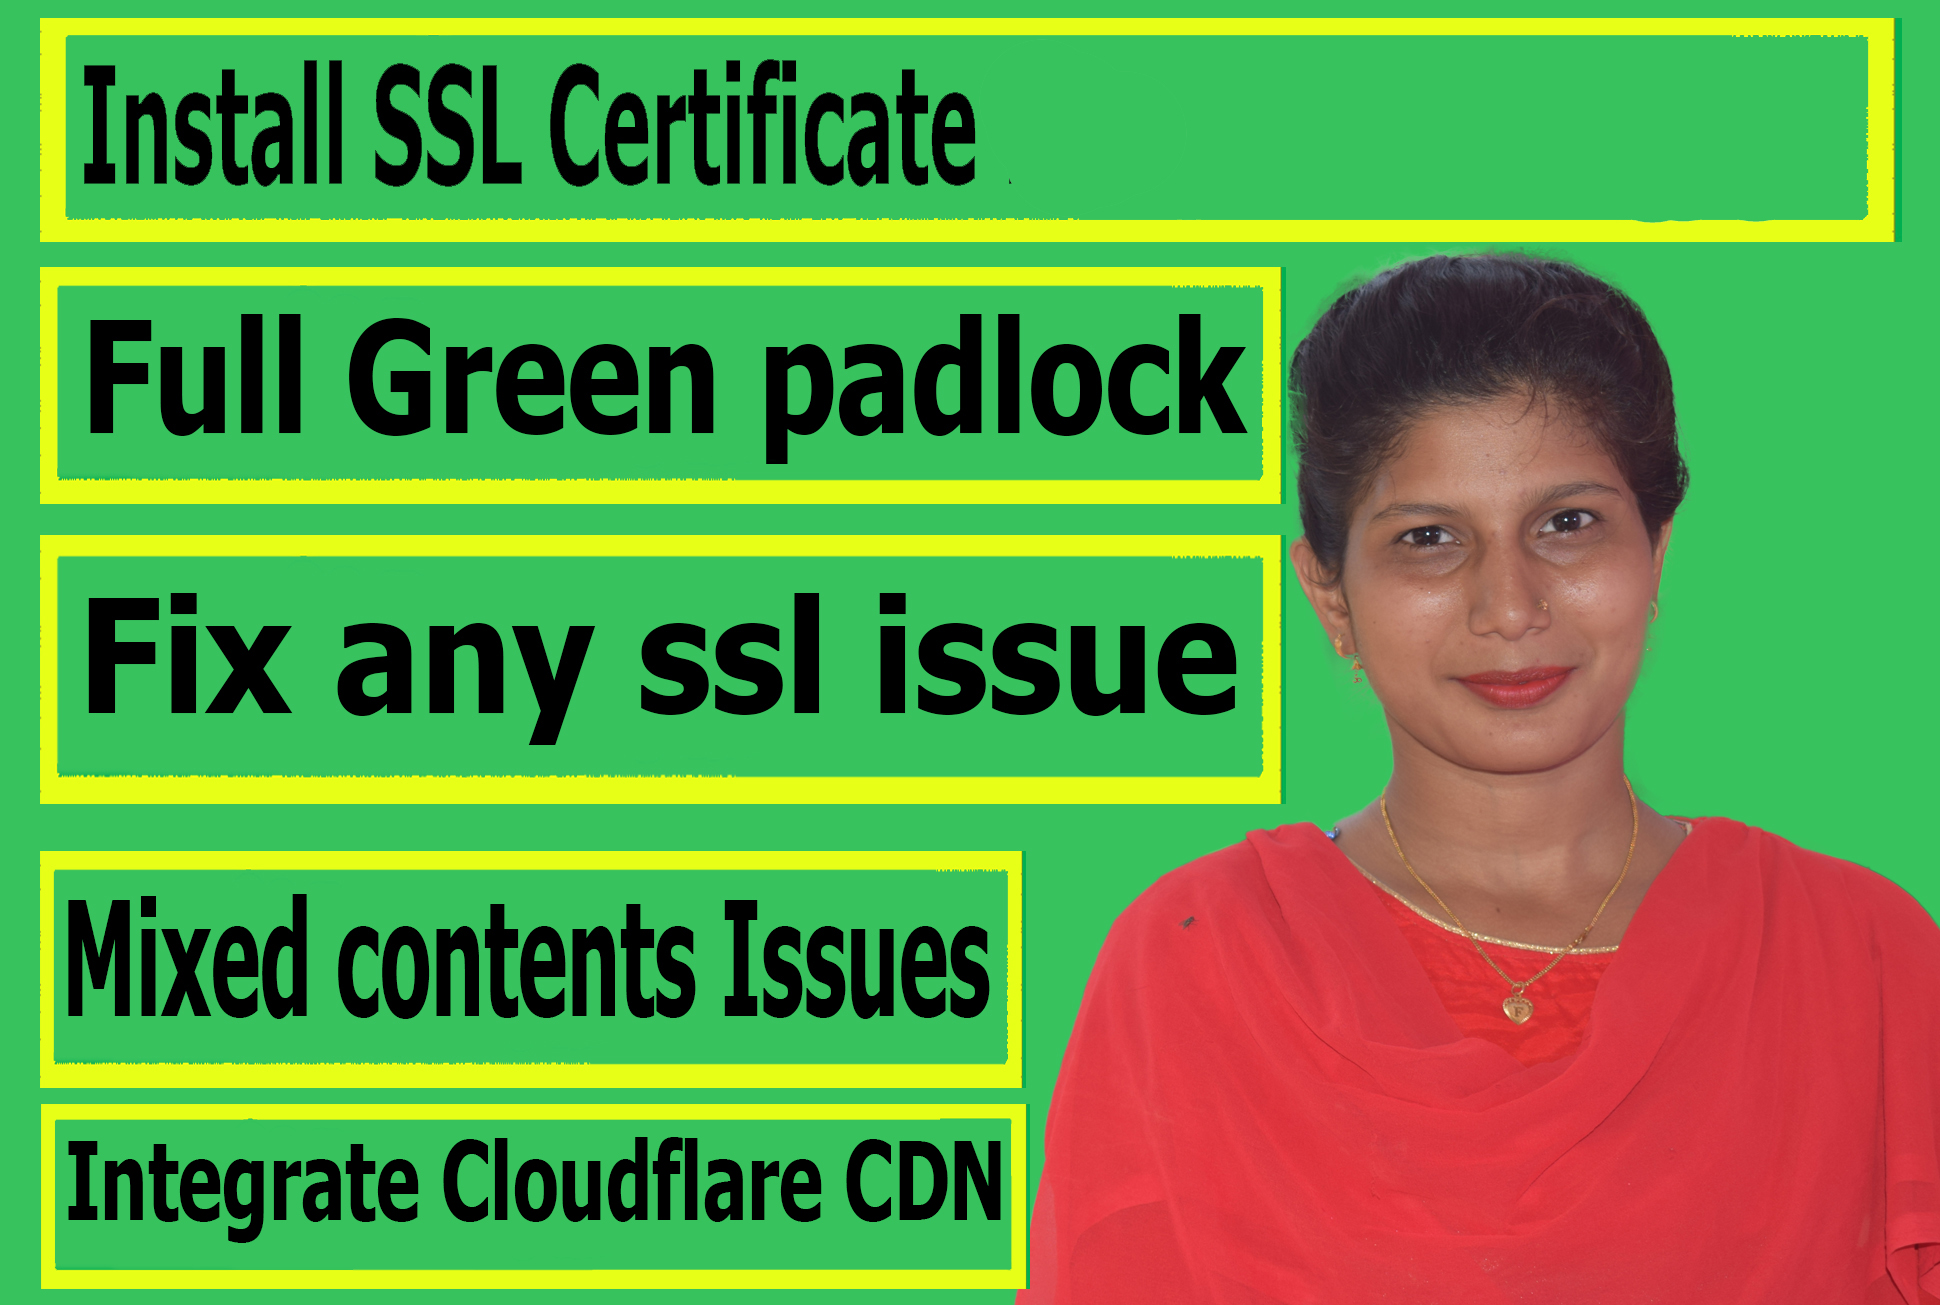 I'll Migrate Http To Https,  Install Ssl Certificate,  Setup Cloudflar CDN